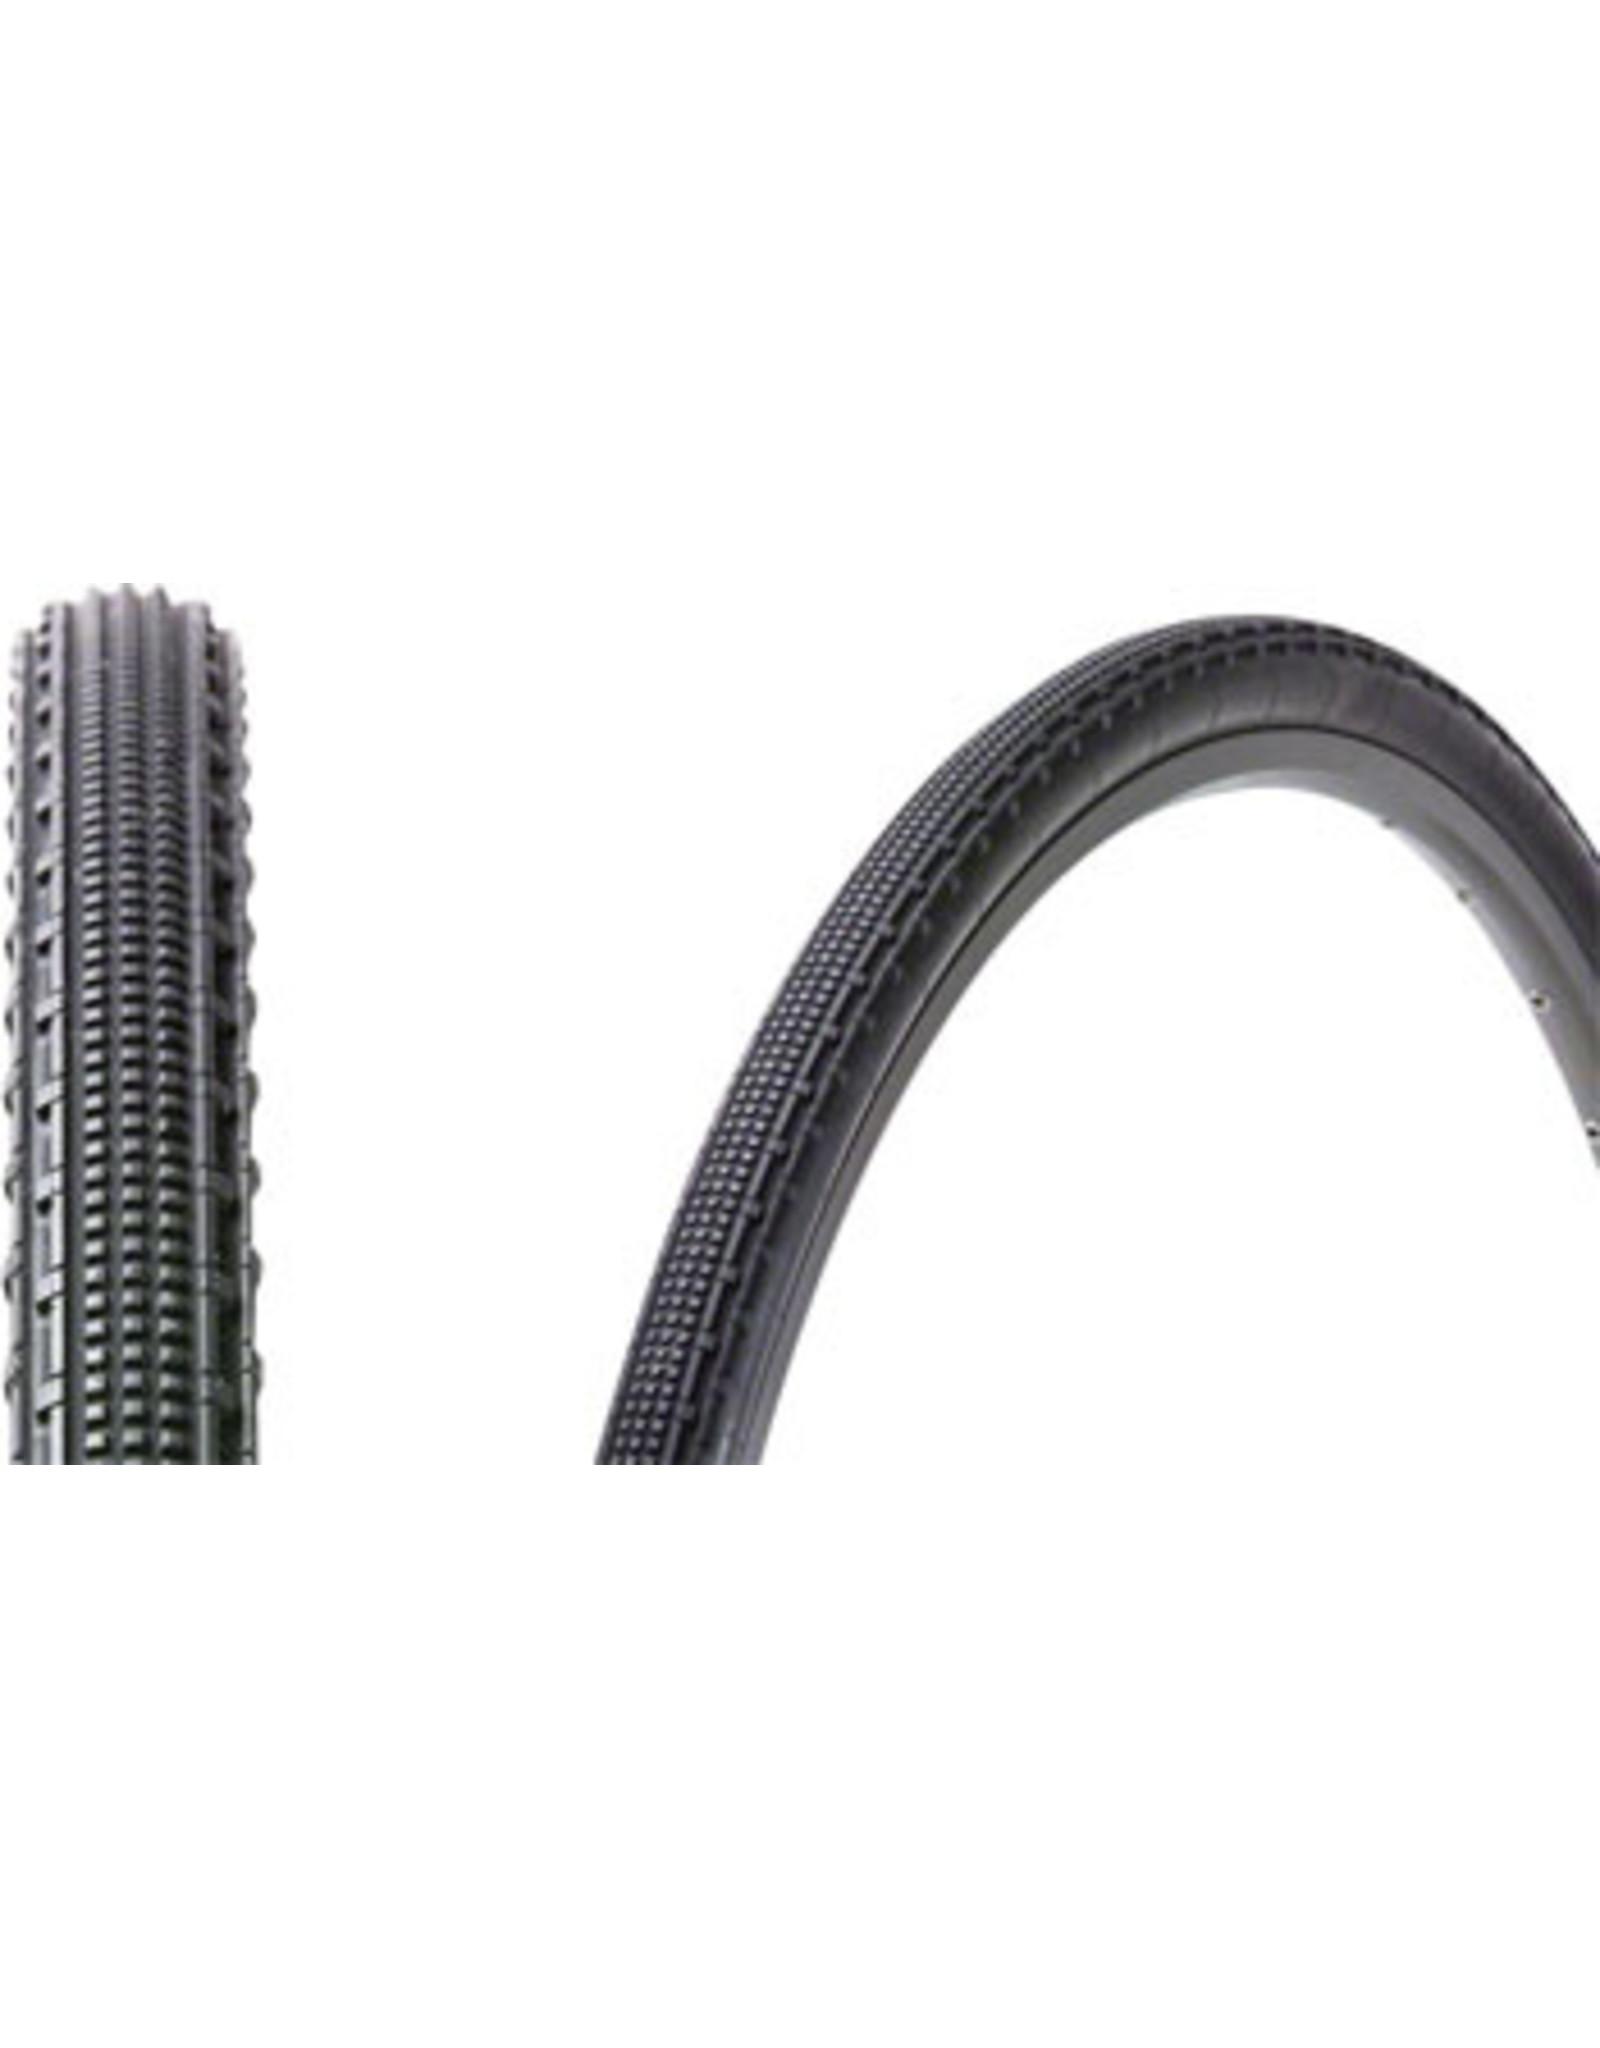 Panaracer Panaracer GravelKing SK Tire - 700 x 38, Tubeless, Folding, Black